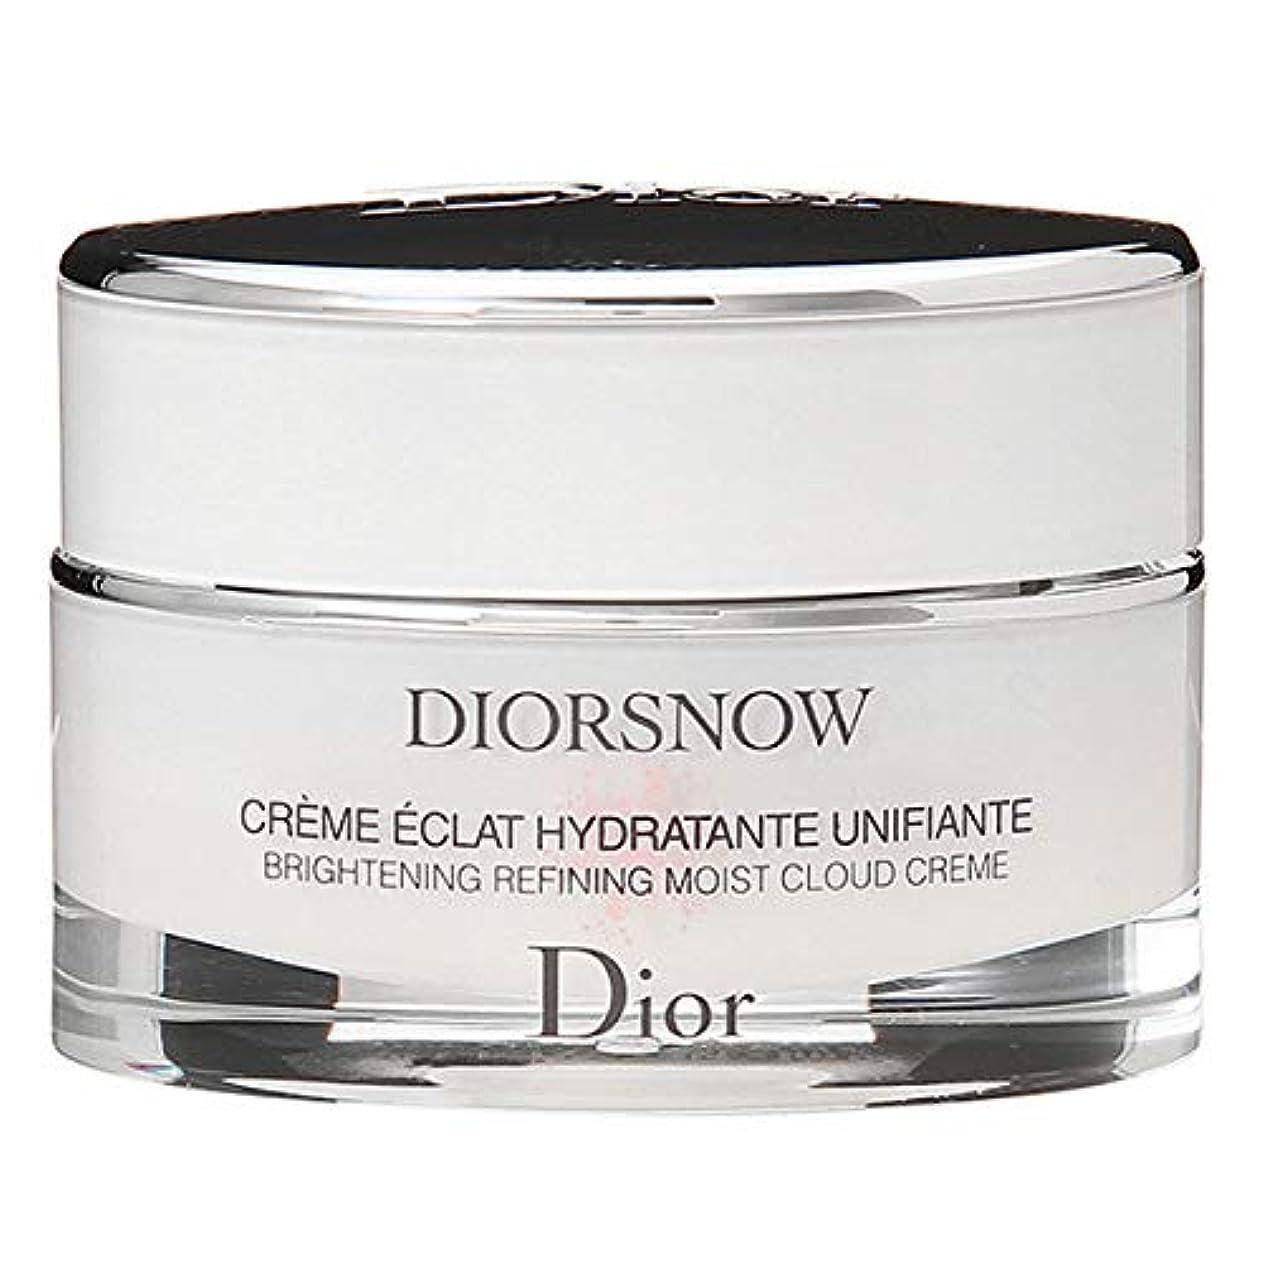 誤解を招く却下するトリップクリスチャンディオール Christian Dior ディオール スノー ブライトニング モイスト クリーム 50mL 【並行輸入品】